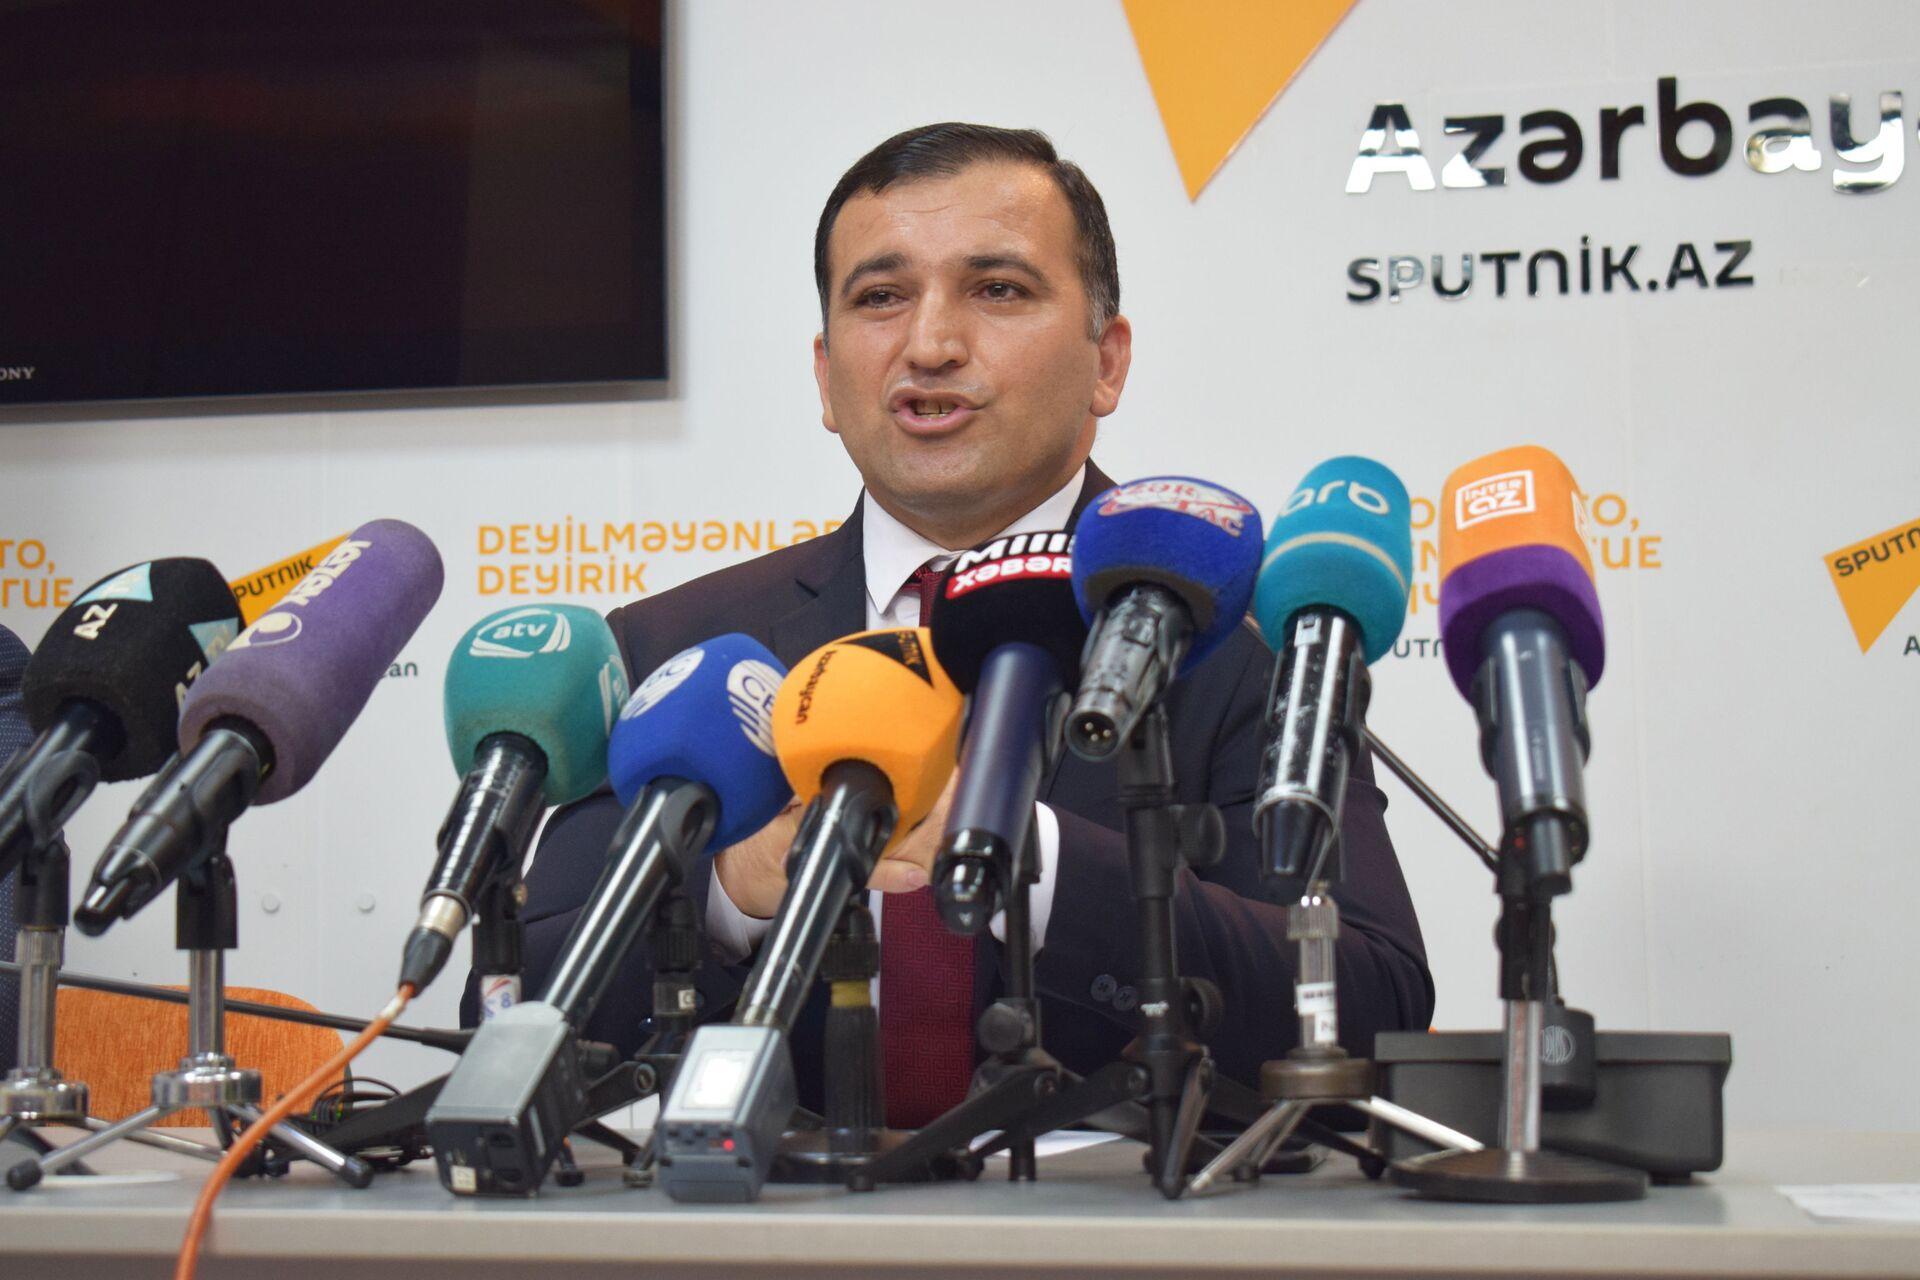 Мир должен знать о минной угрозе: обращение азербайджанской общественности - Sputnik Азербайджан, 1920, 11.06.2021